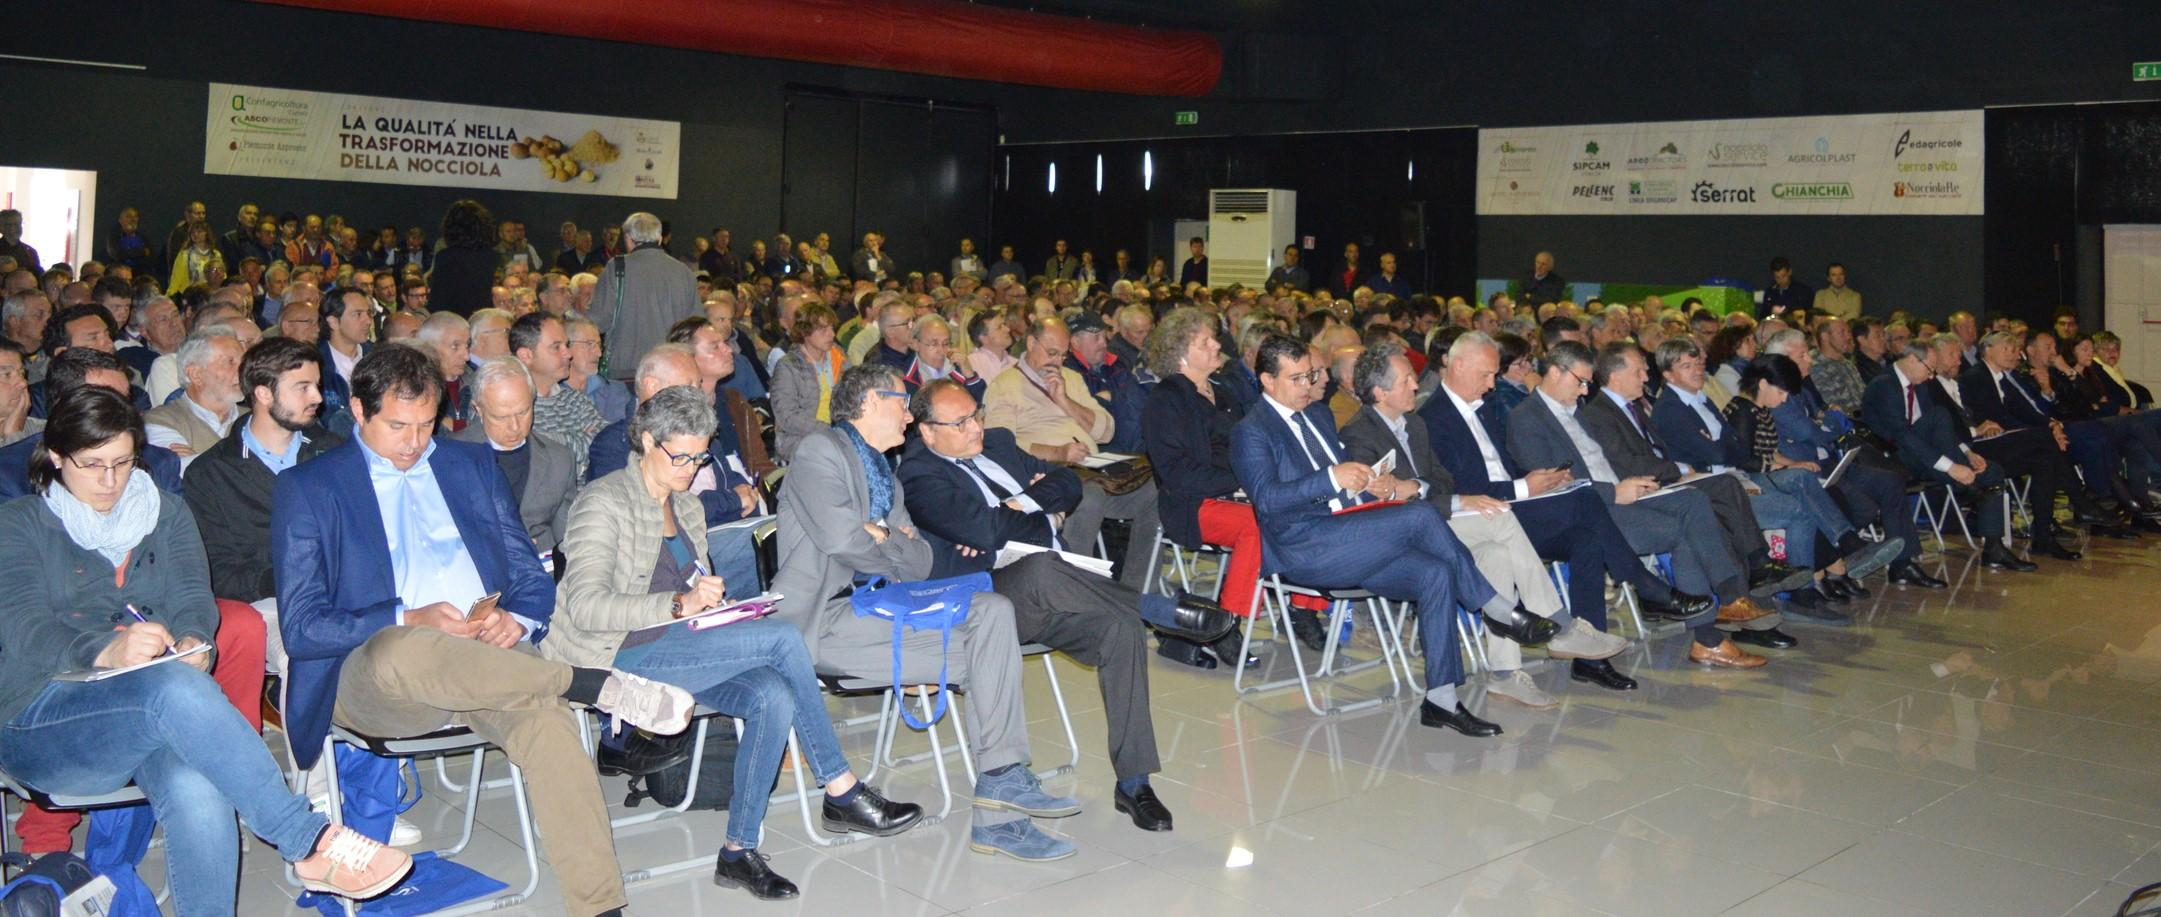 Il pubblico al convegno sul nocciolo 2018